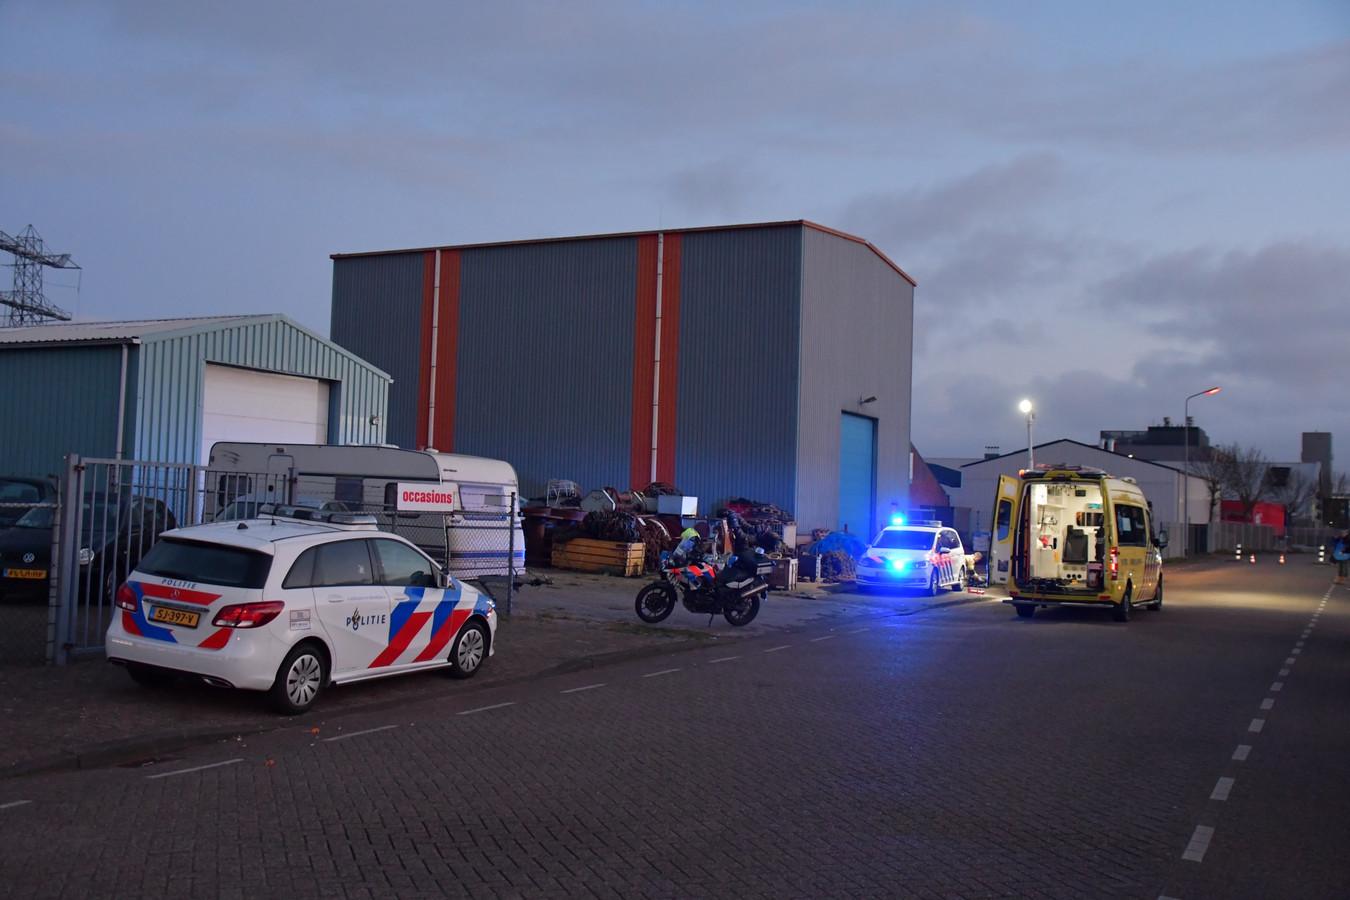 Bij een incident aan de Edisonweg in Vlissingen is een persoon zwaargewond geraakt.